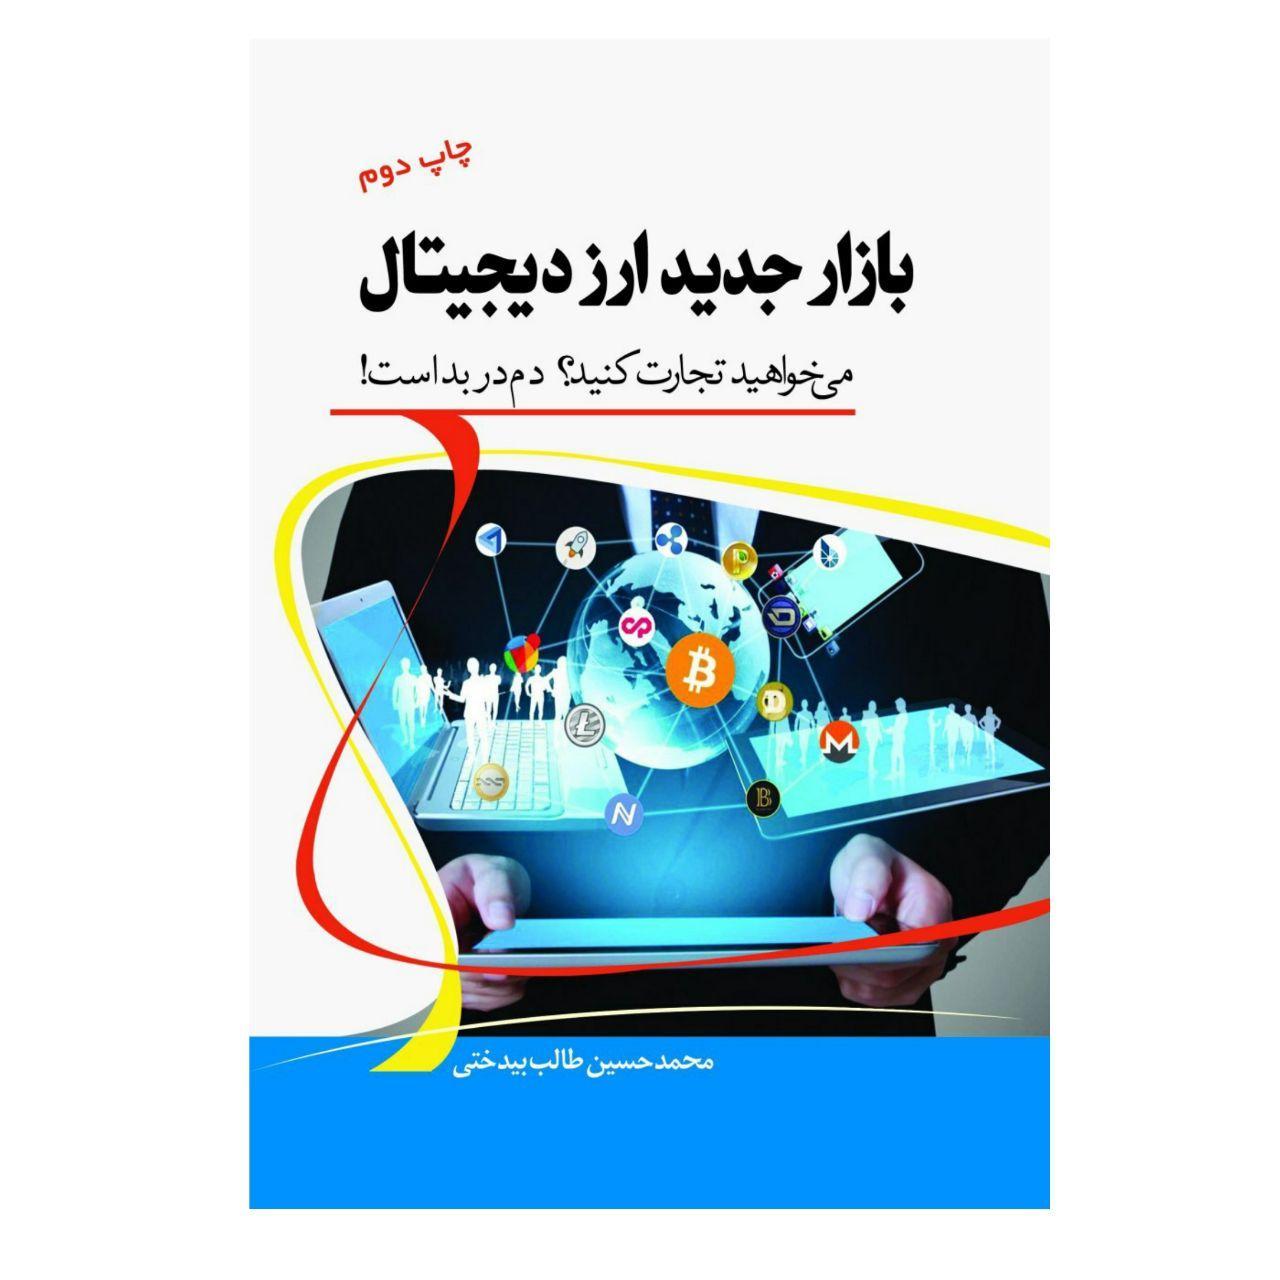 کتاب بازار جدید ارز دیجیتال اثر محمدحسین طالب بیدختی نشر آمه